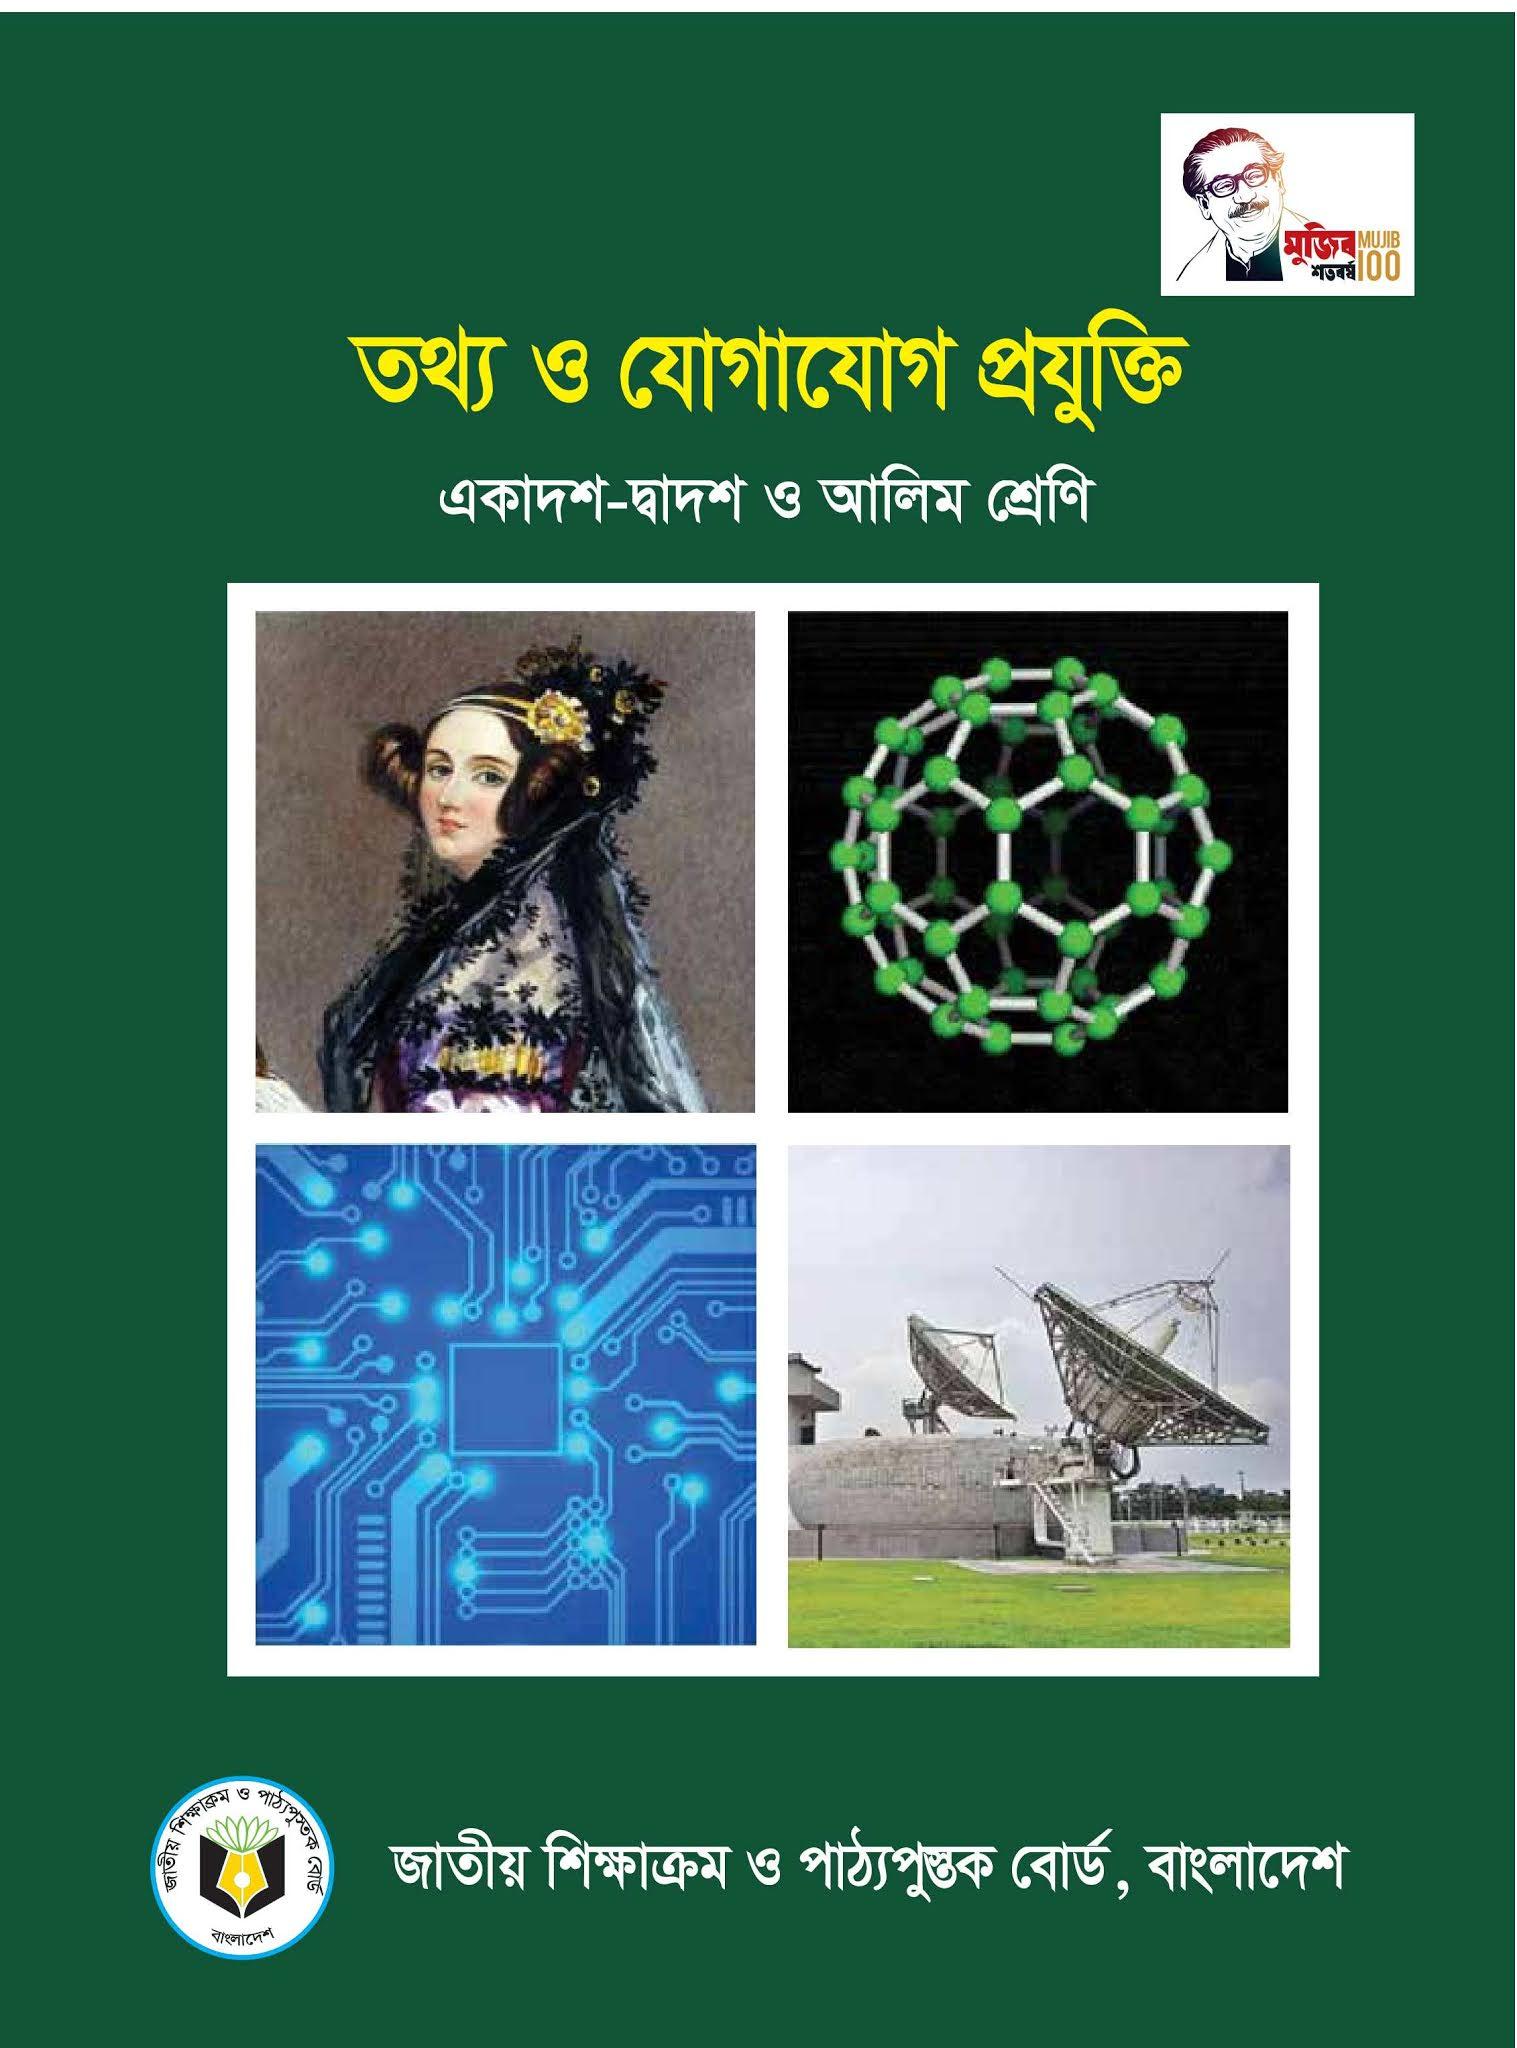 একাদশ-দ্বাদশ শ্রেণির তথ্য ও যোগাযোগ প্রযুক্তি pdf